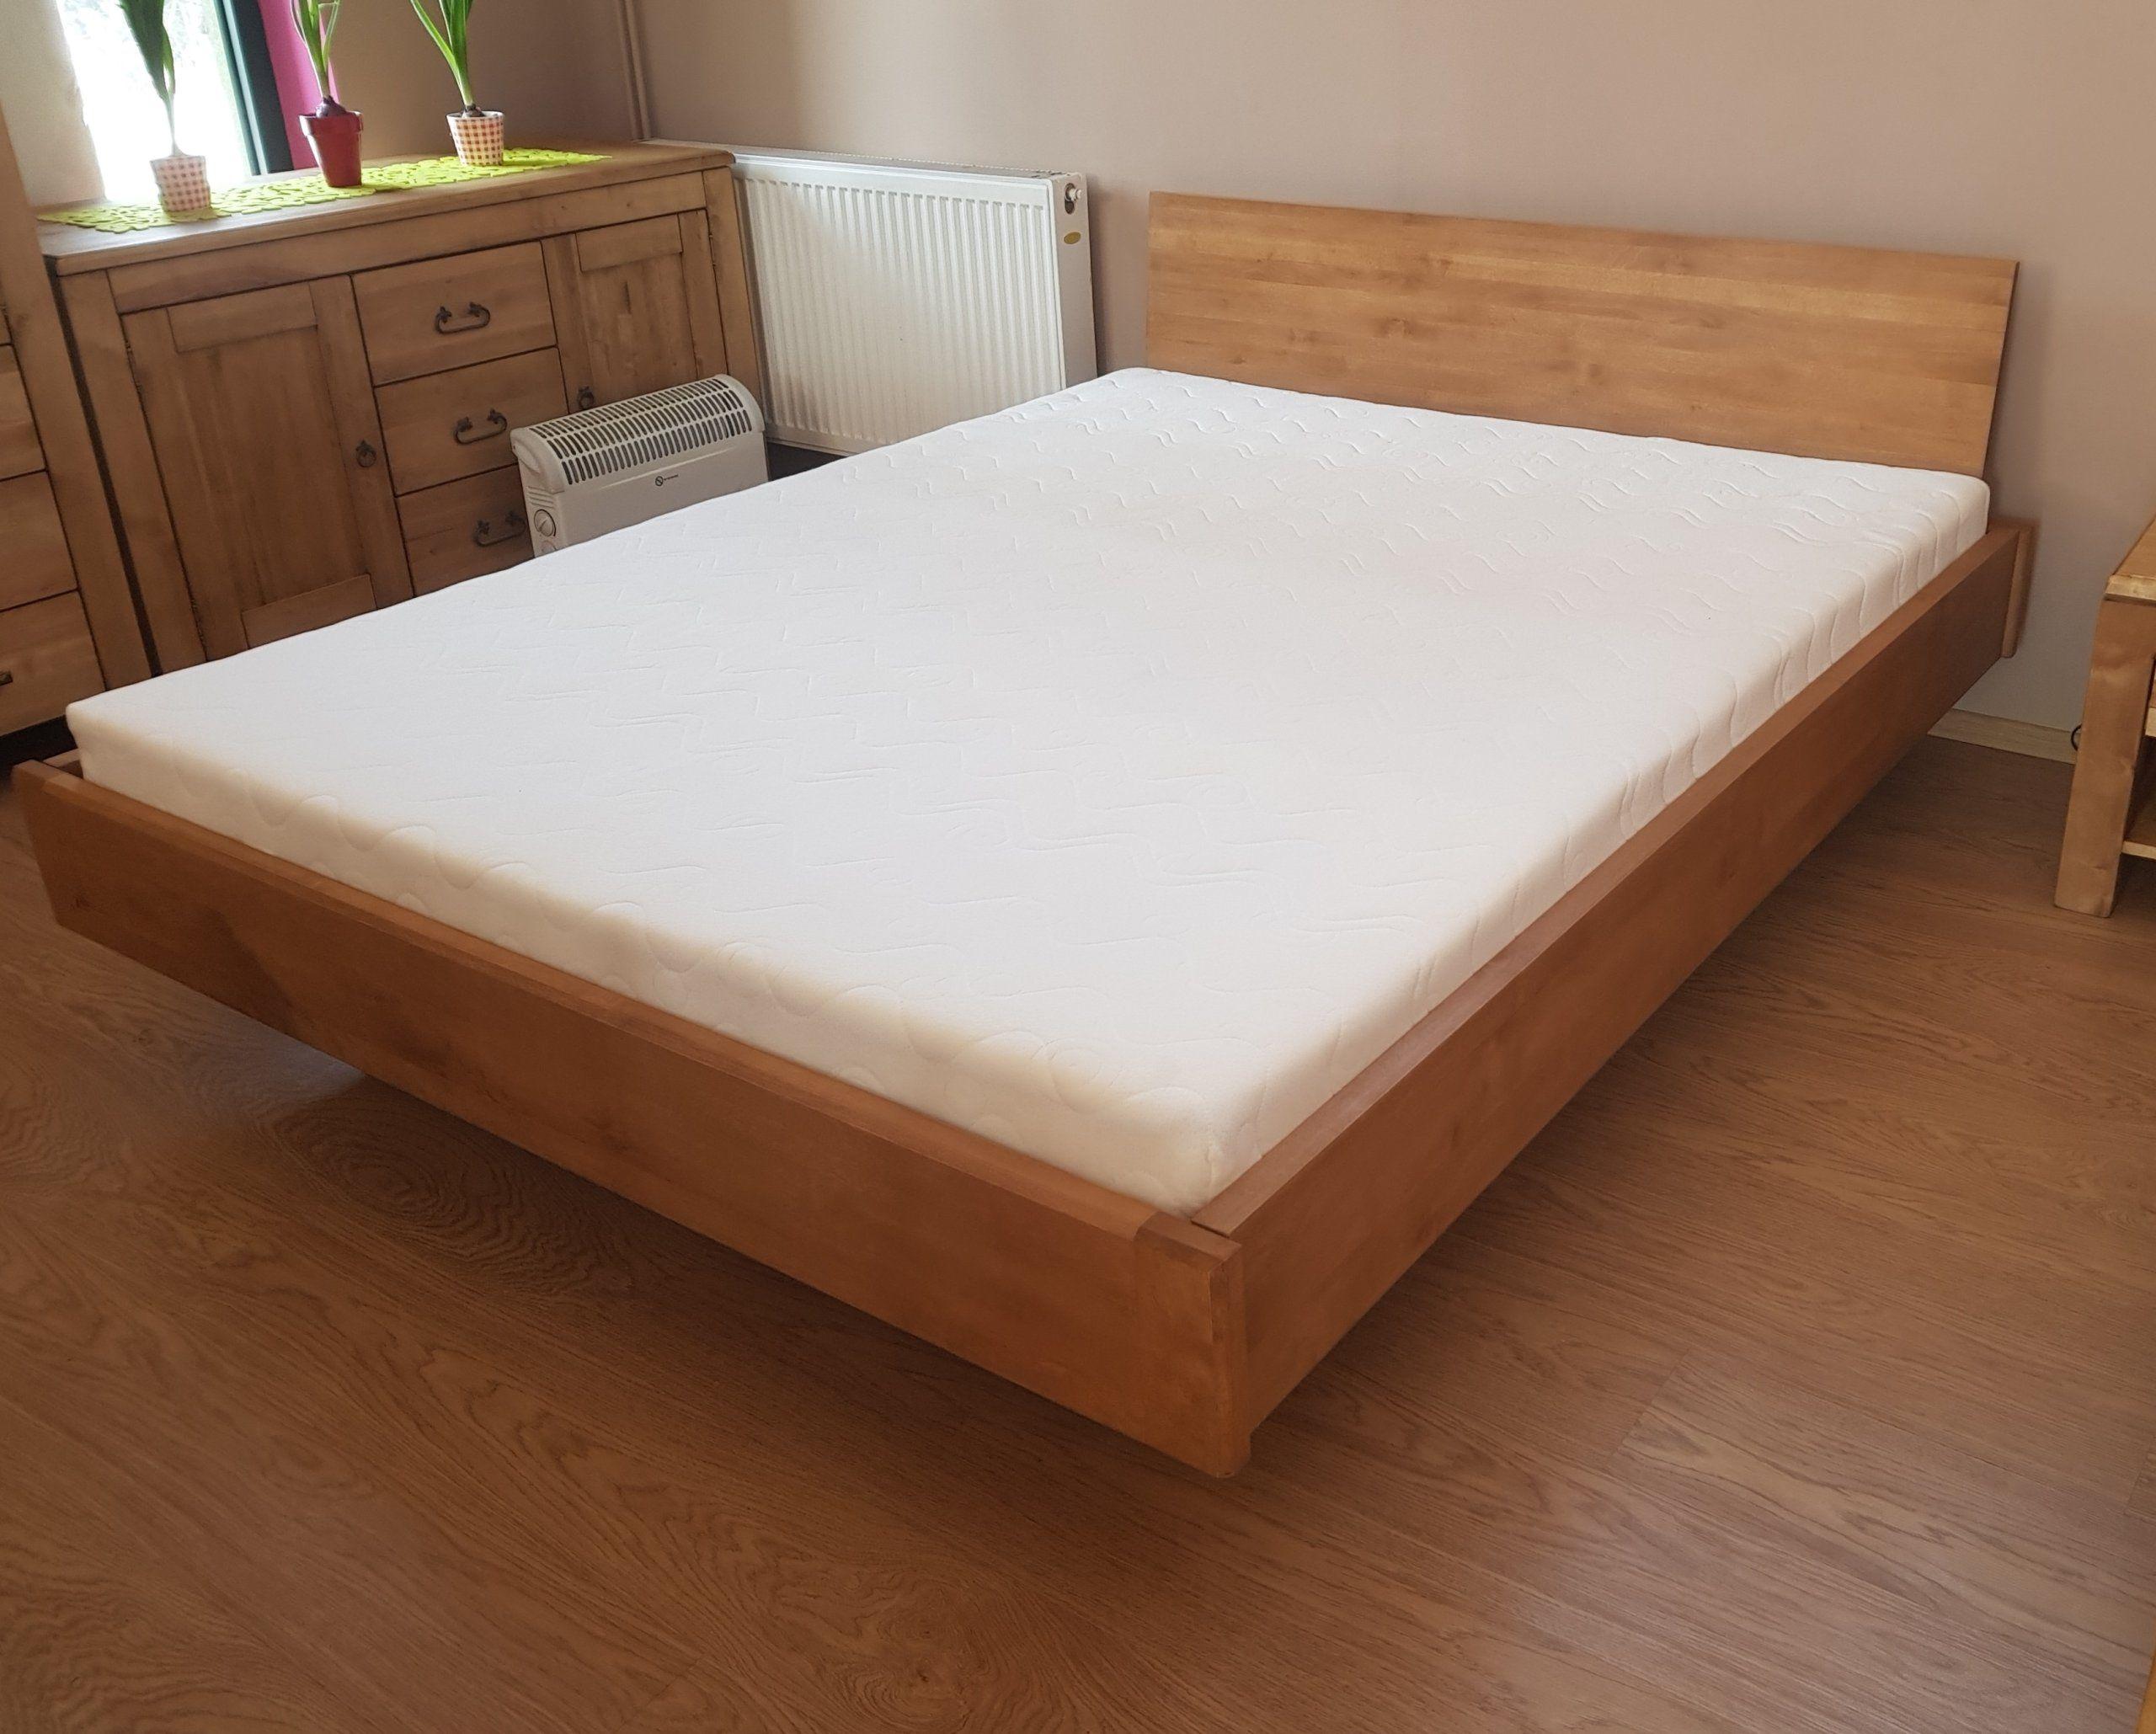 Wyjatkowe Drewniane Lozko Lotos 180x200 Stelaz 7231181234 Oficjalne Archiwum Allegro Furniture Home Decor Bed